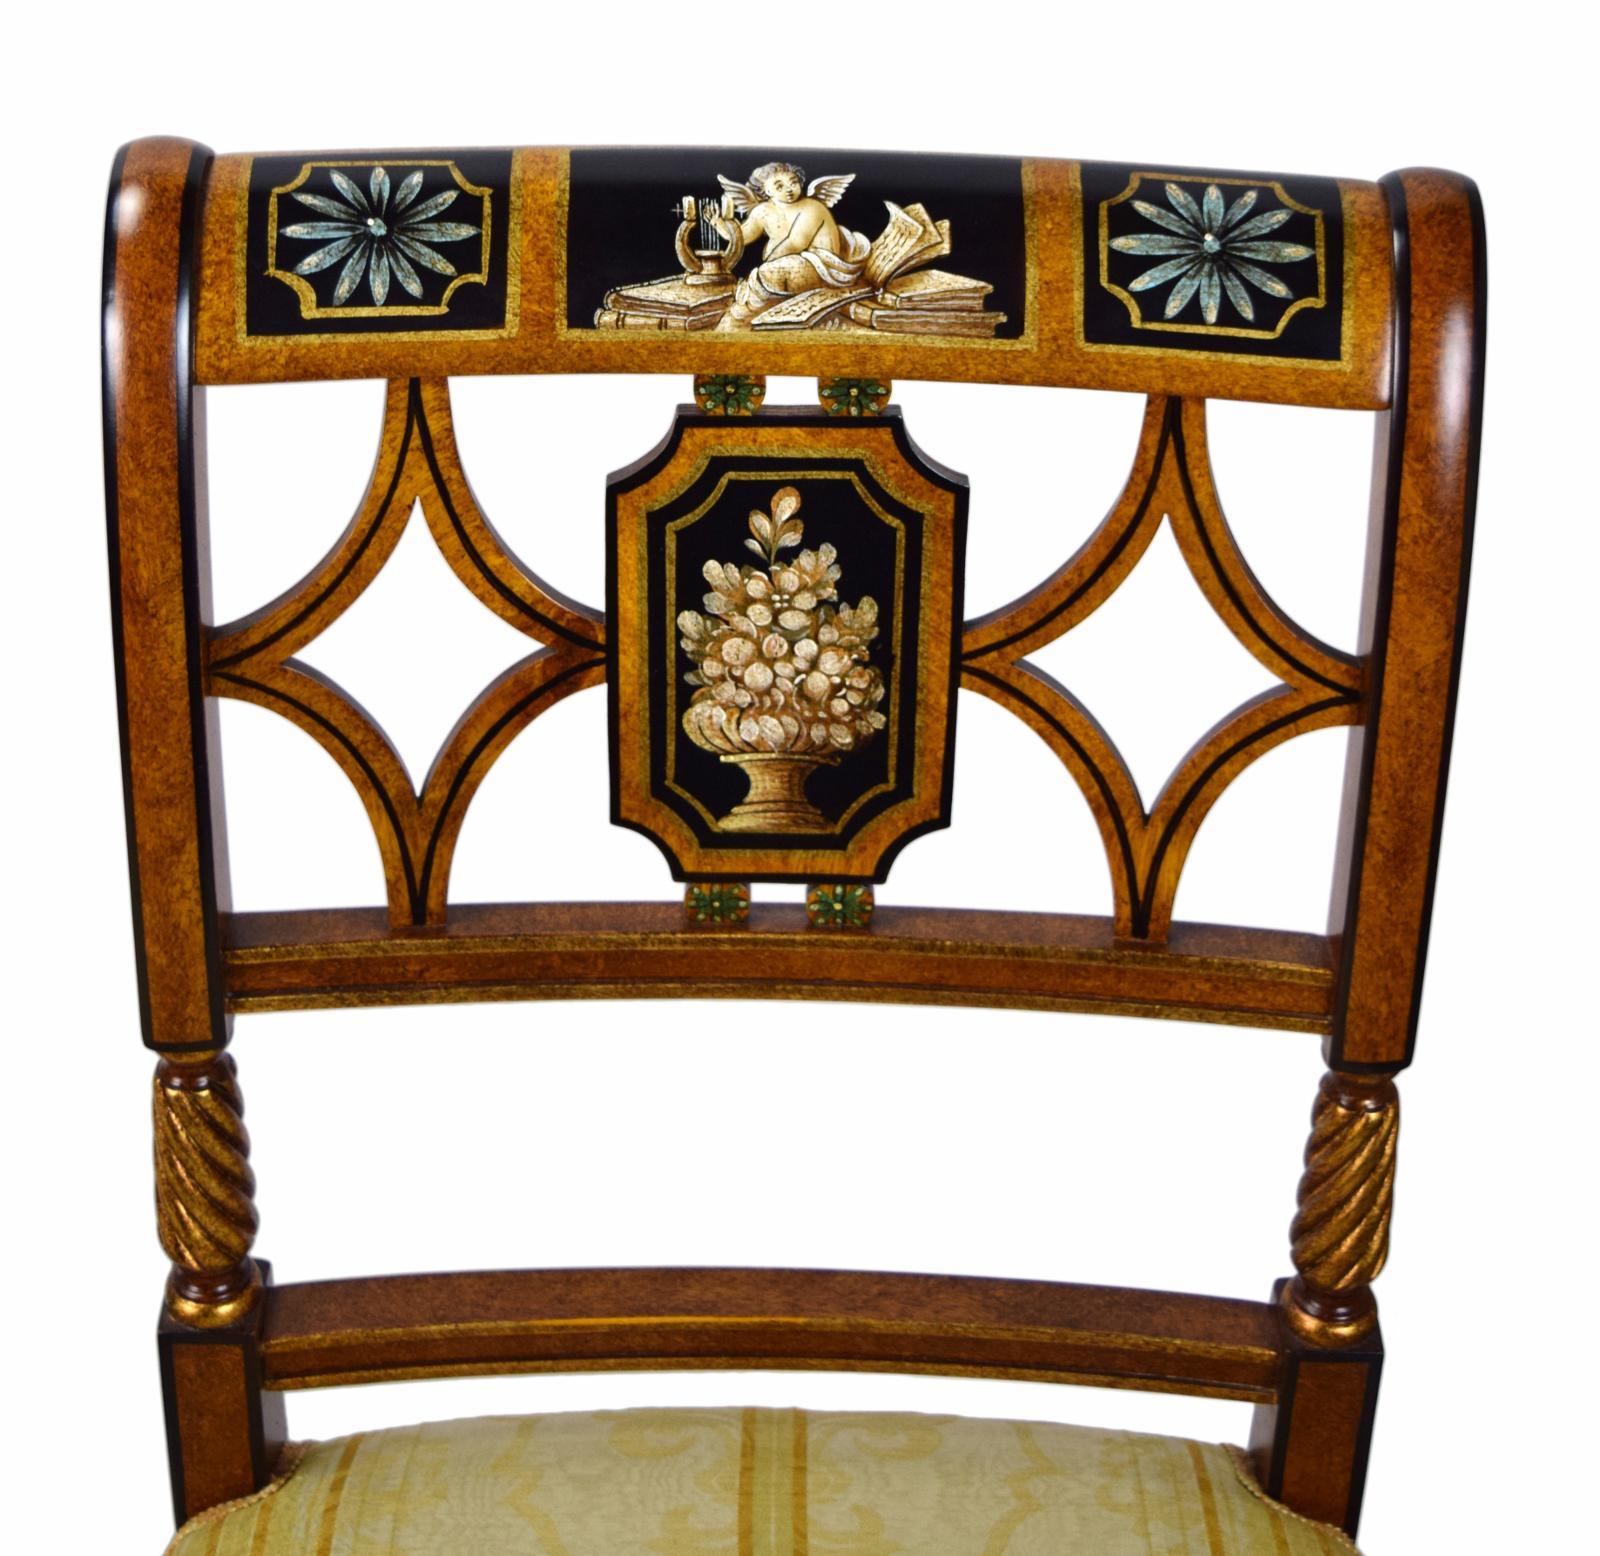 Italian Galimberti Lino Hand Painted Neoclassical Chairs A Pair